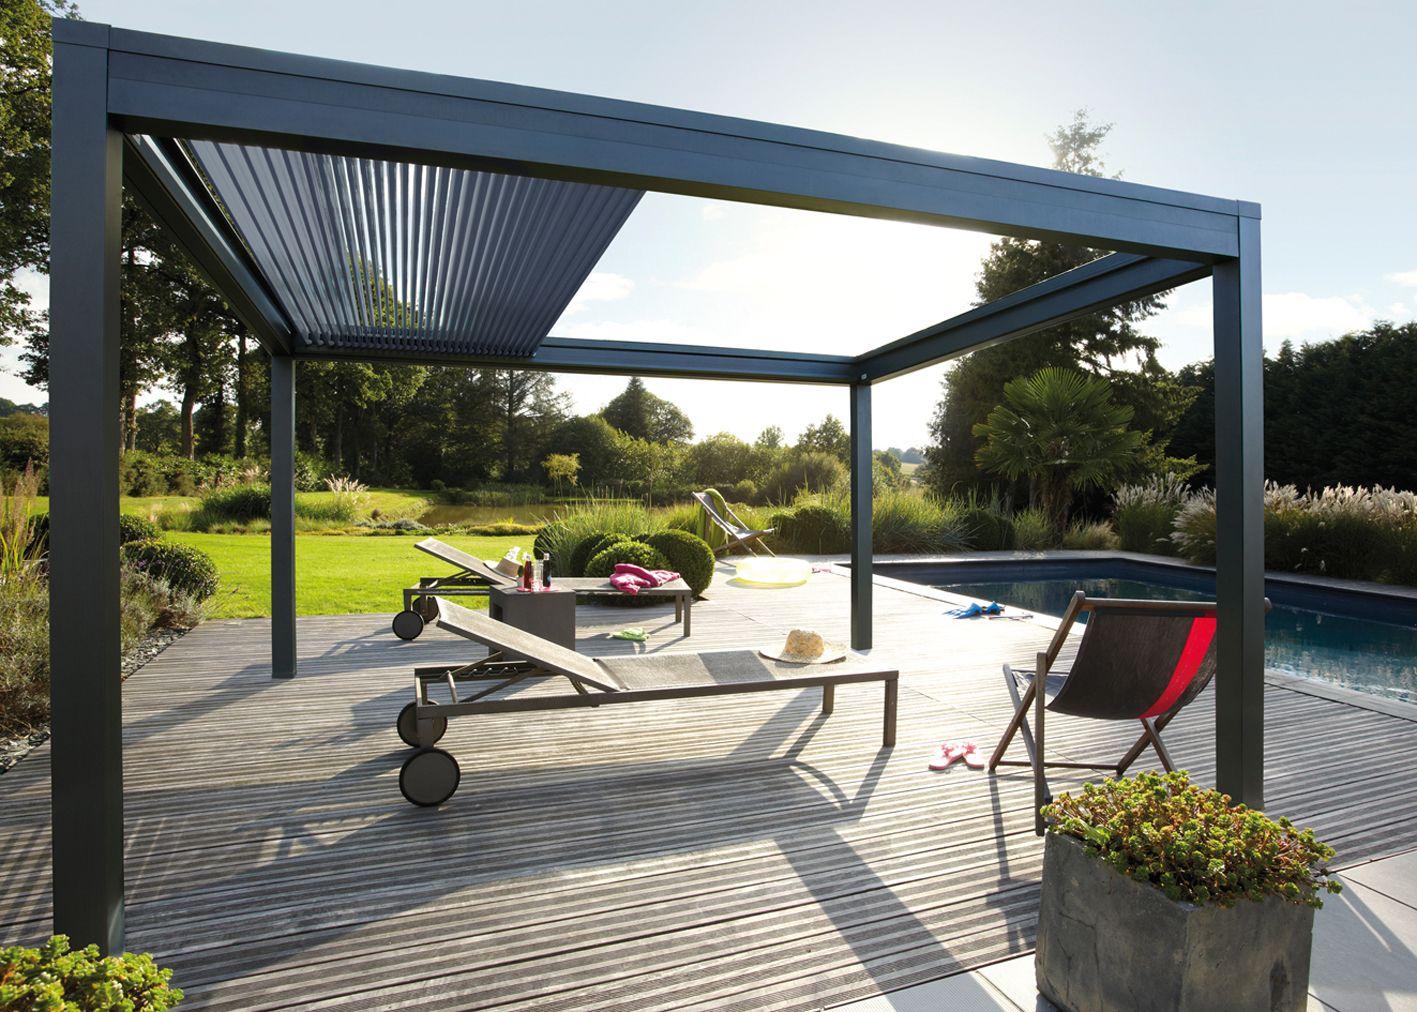 pergola bioclimatique retractable pergoklim de soliso pinteres. Black Bedroom Furniture Sets. Home Design Ideas